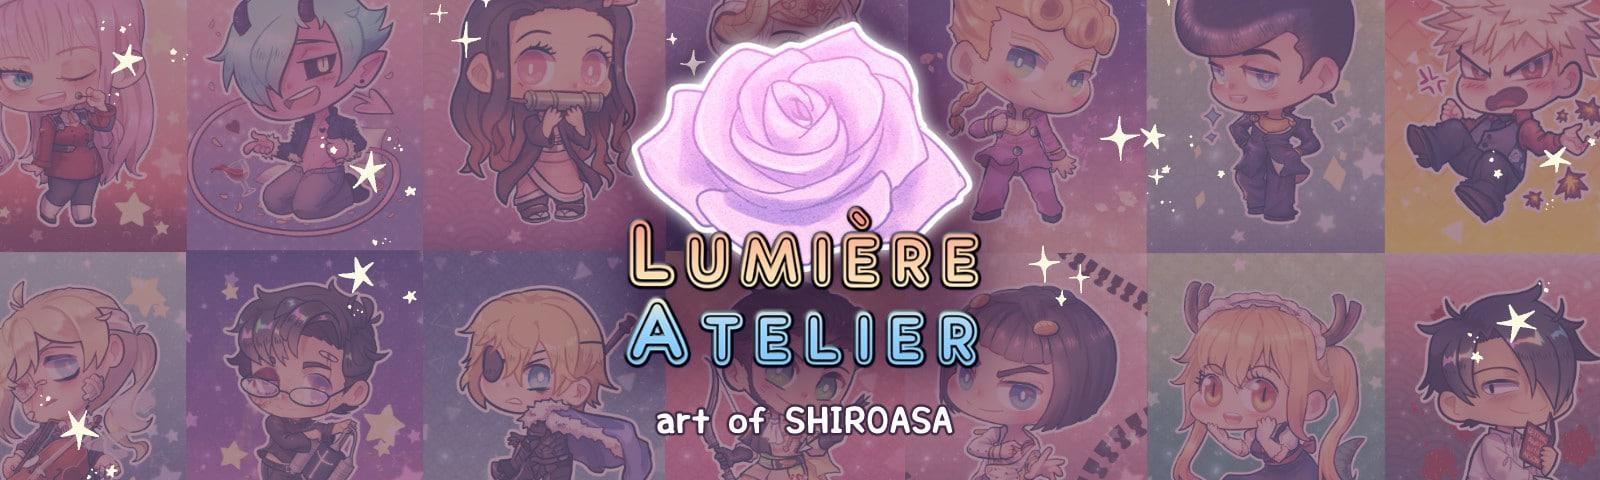 The Lumière Atelier